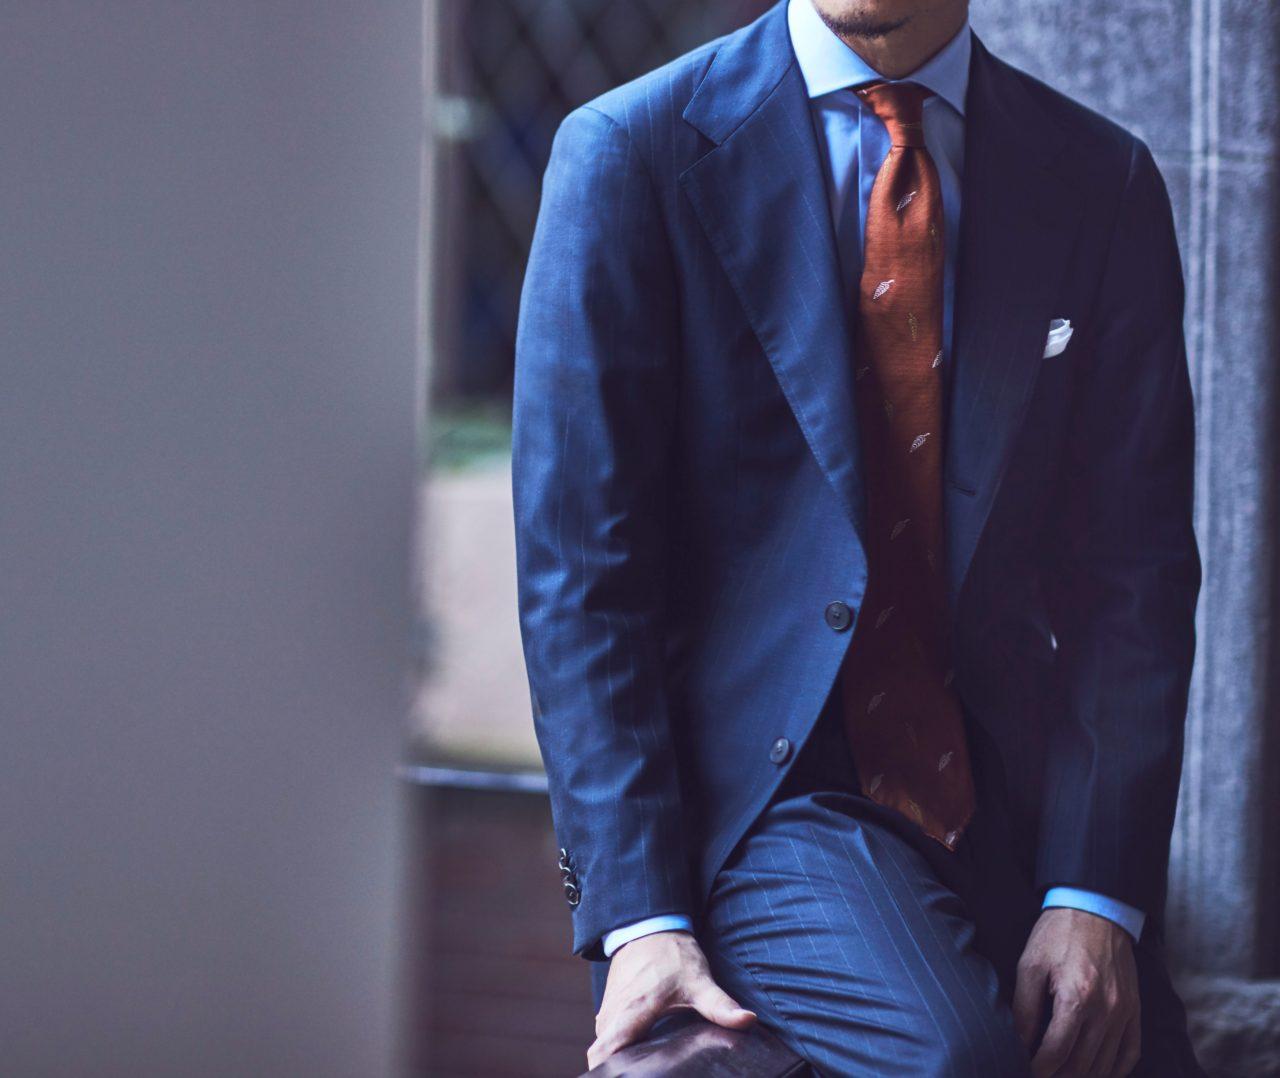 アット ヴァンヌッチ(Atto Vannucci)のオレンジのセッテピエゲネクタイをザ・ジーズ・ハイドアウト(THE G'S HIDEOUT.)のネイビーのオーダースーツに合わせたスタイルのご紹介。